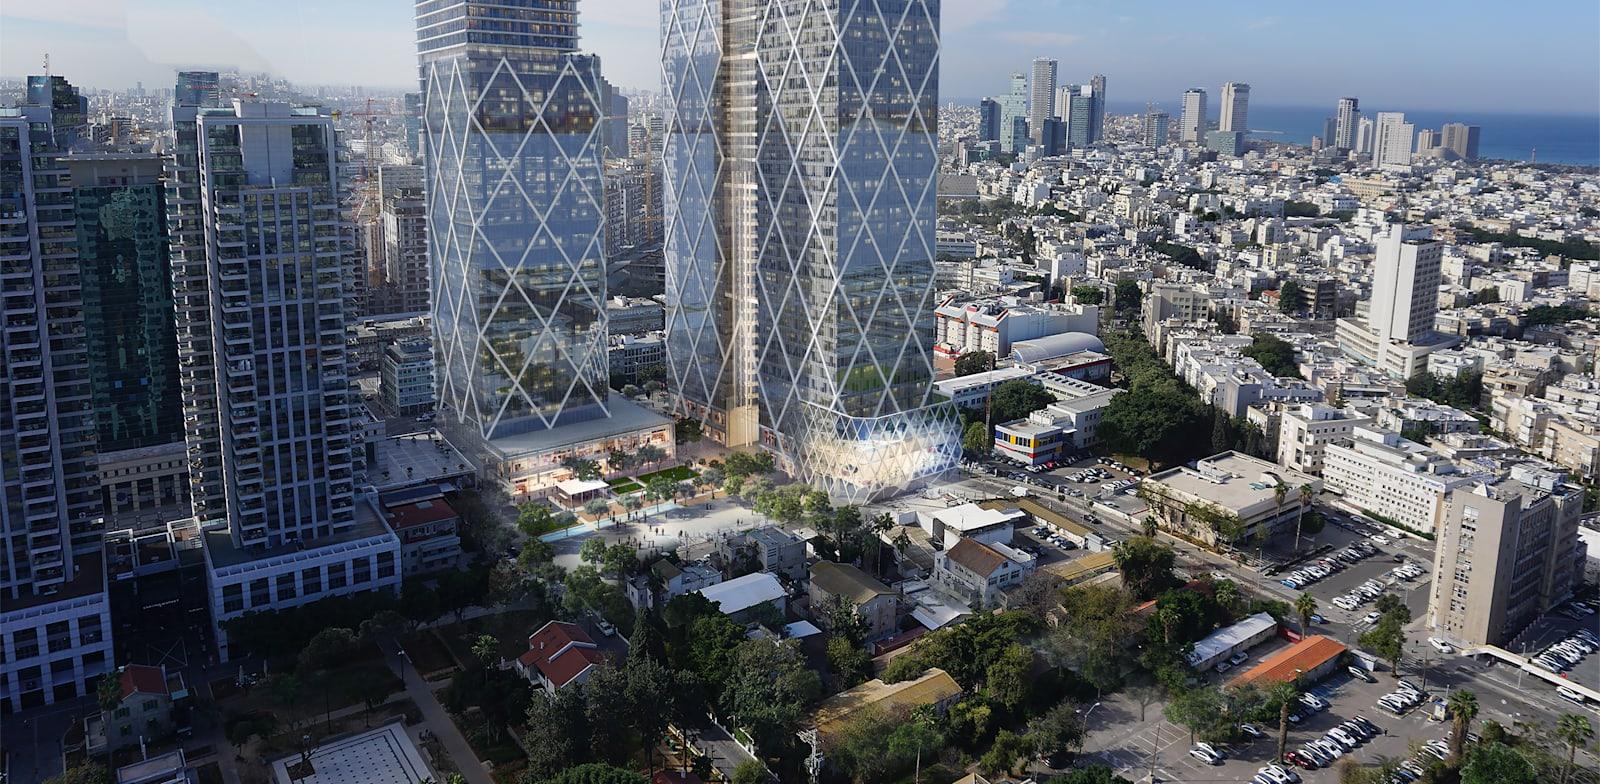 הדמיה של הפרויקט המורחב / צילום: ישר אדריכלים